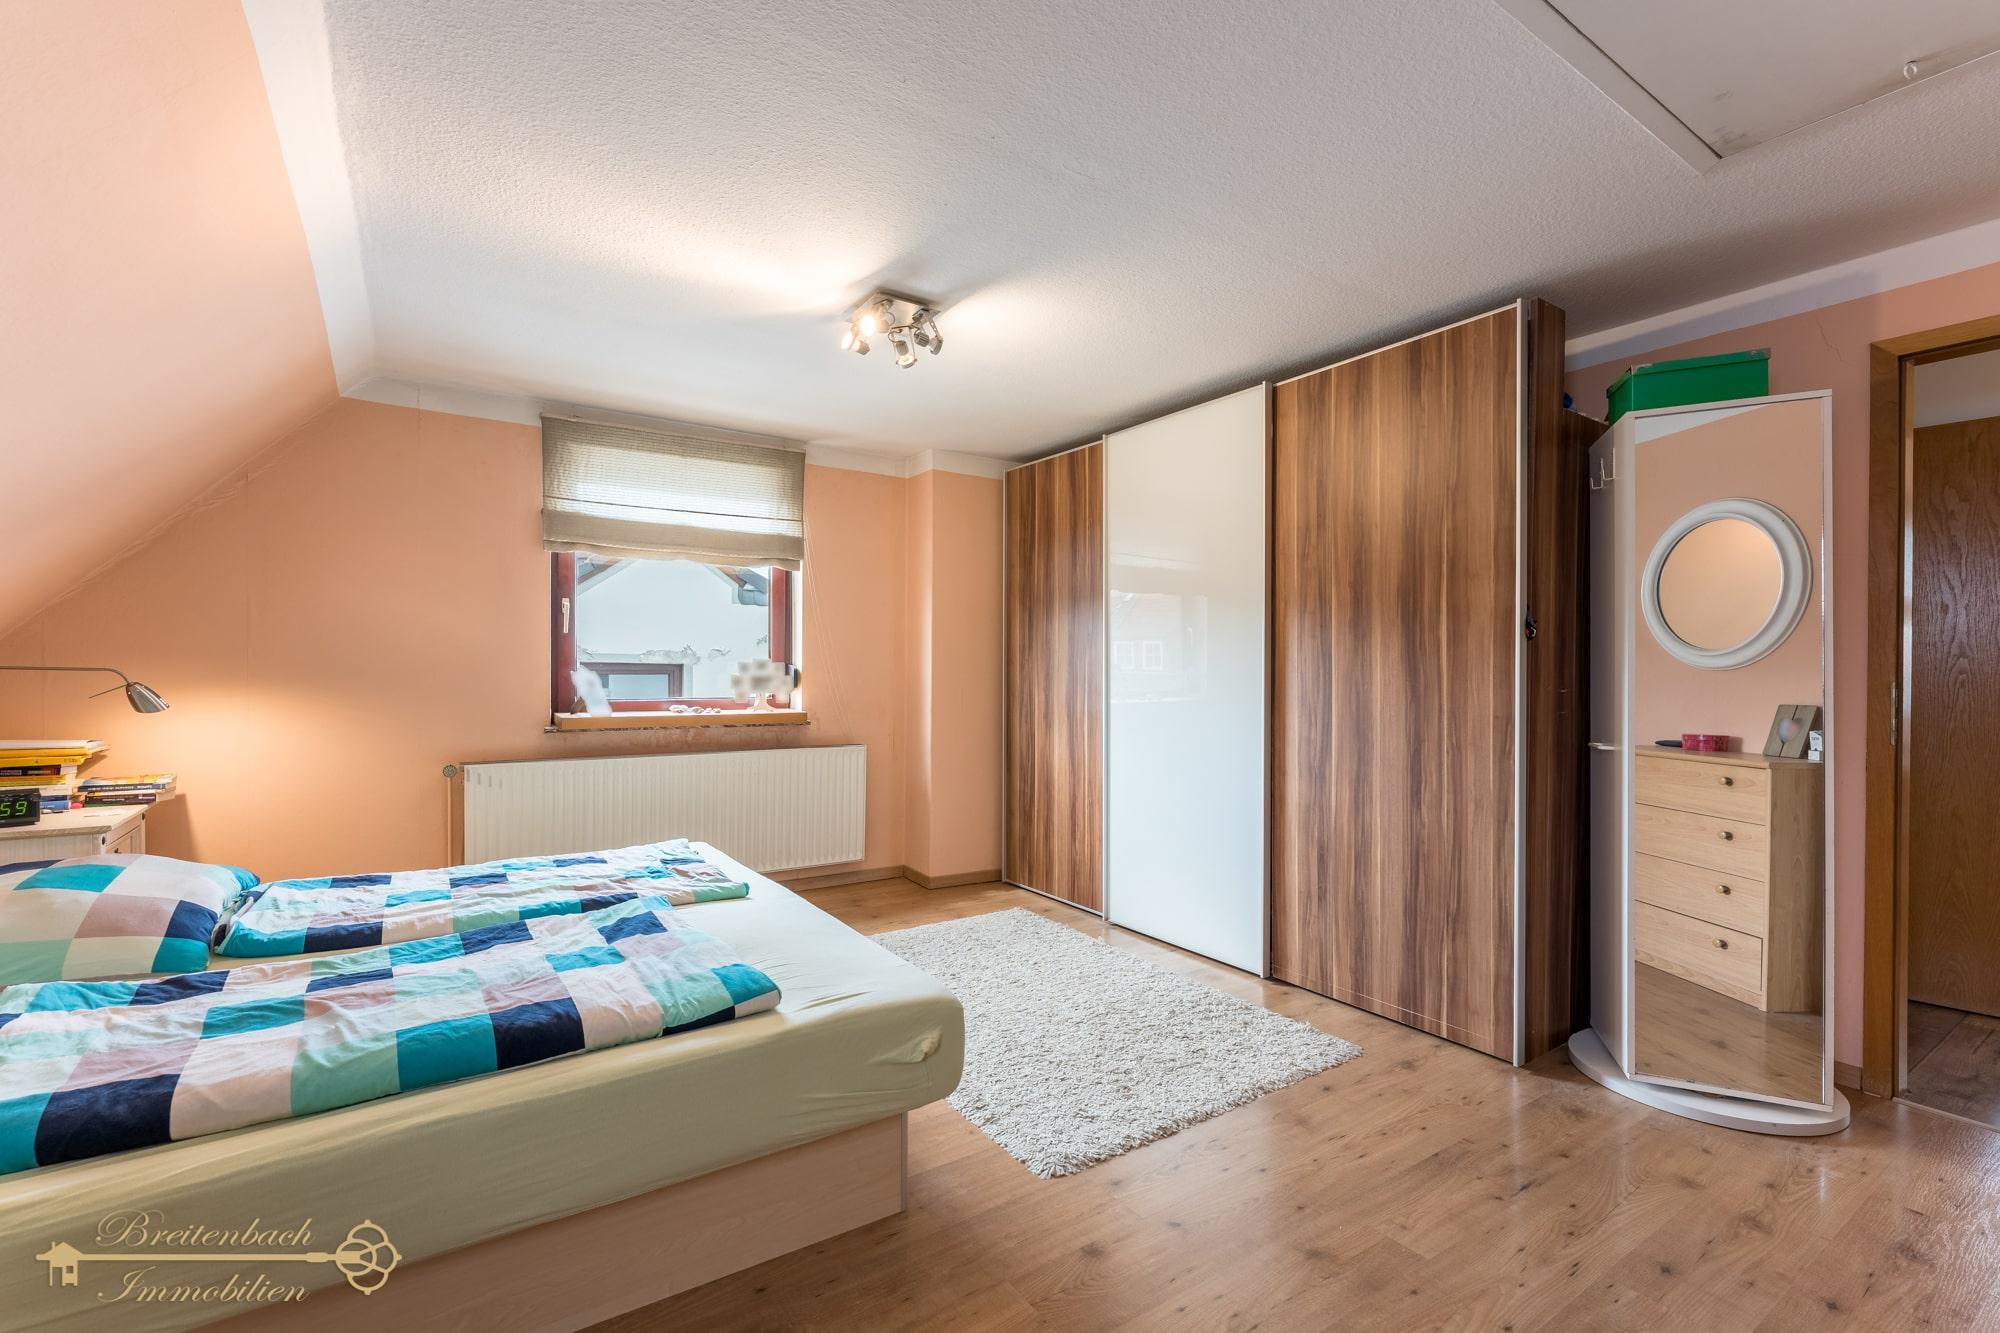 2021-05-23-Breitenbach-Immobilien-Makler-Bremen-22-min